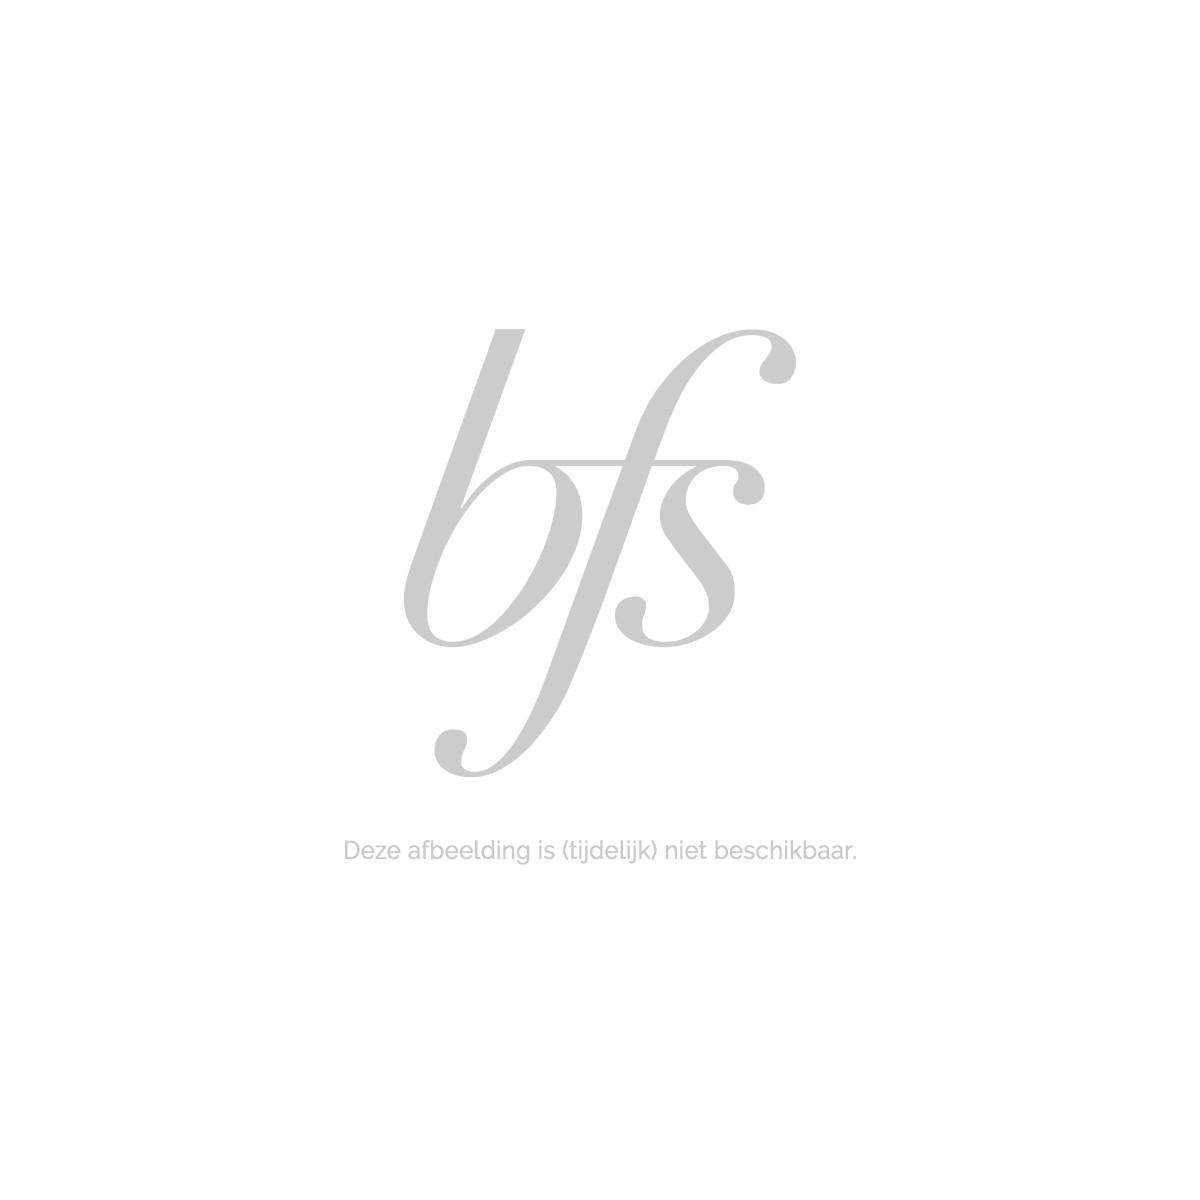 Afbeelding van Académie Baume Actif Hydratant Matif. Homme Mannenlijn Beauty